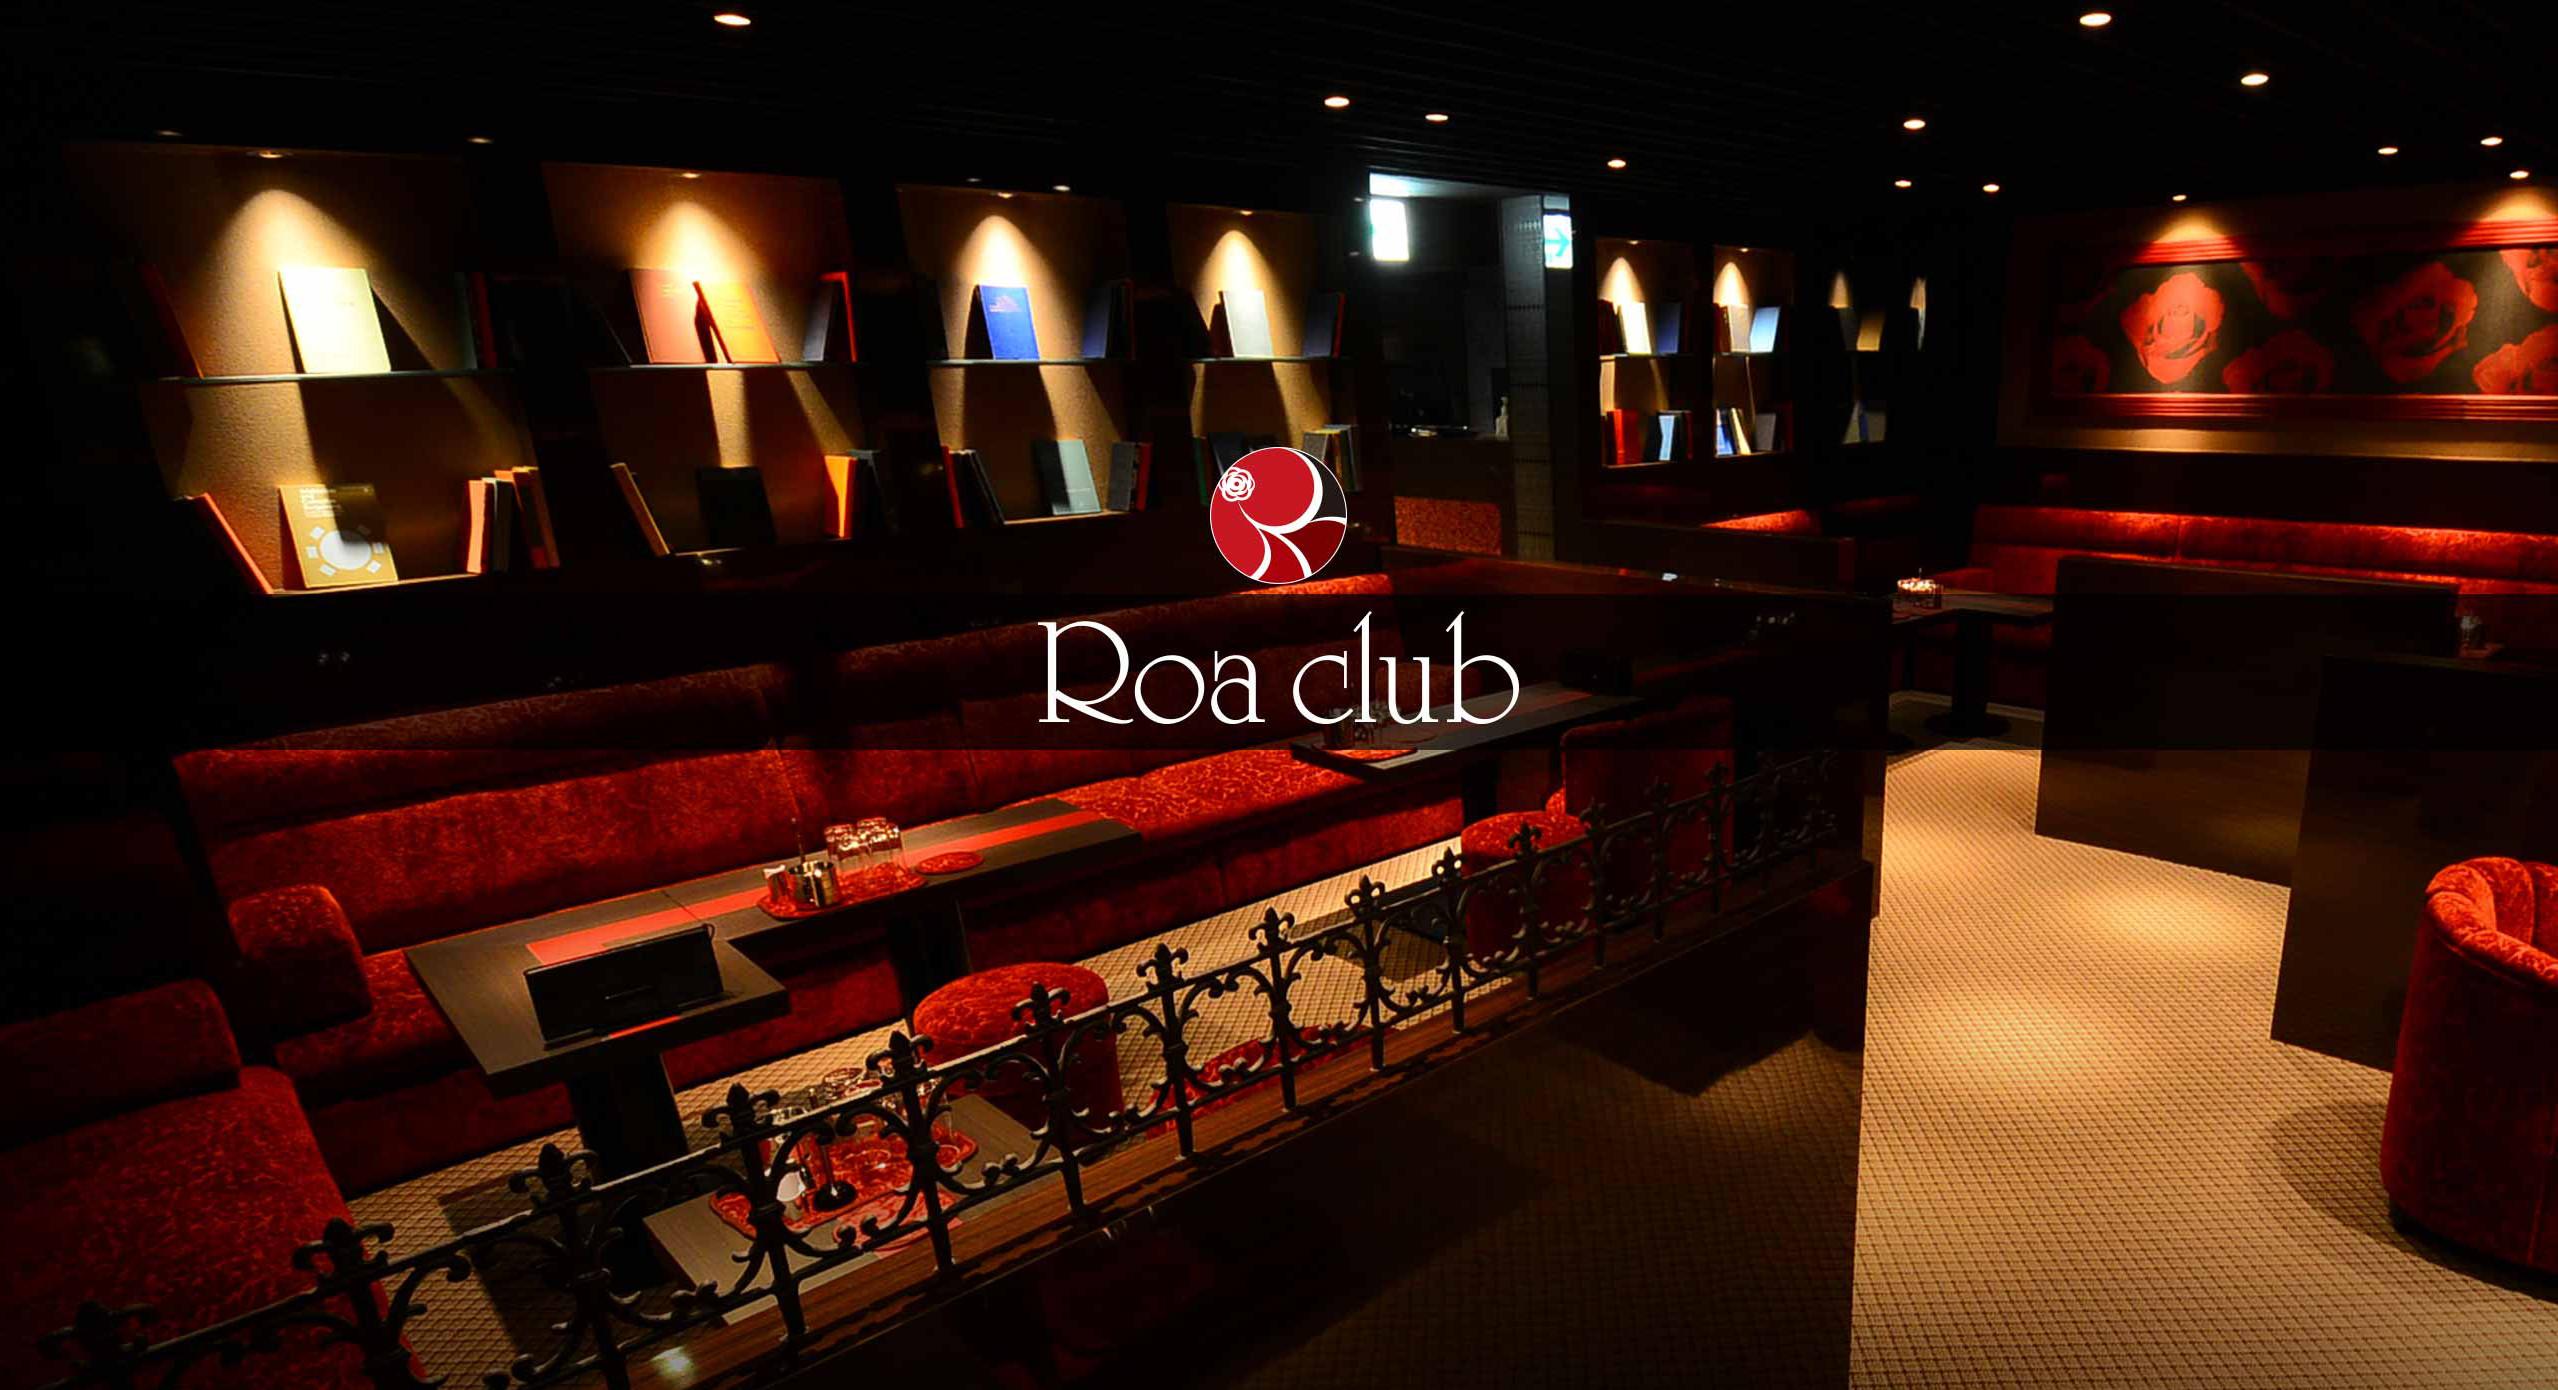 旭川ニュークラブRoa clubのヘッダー画像